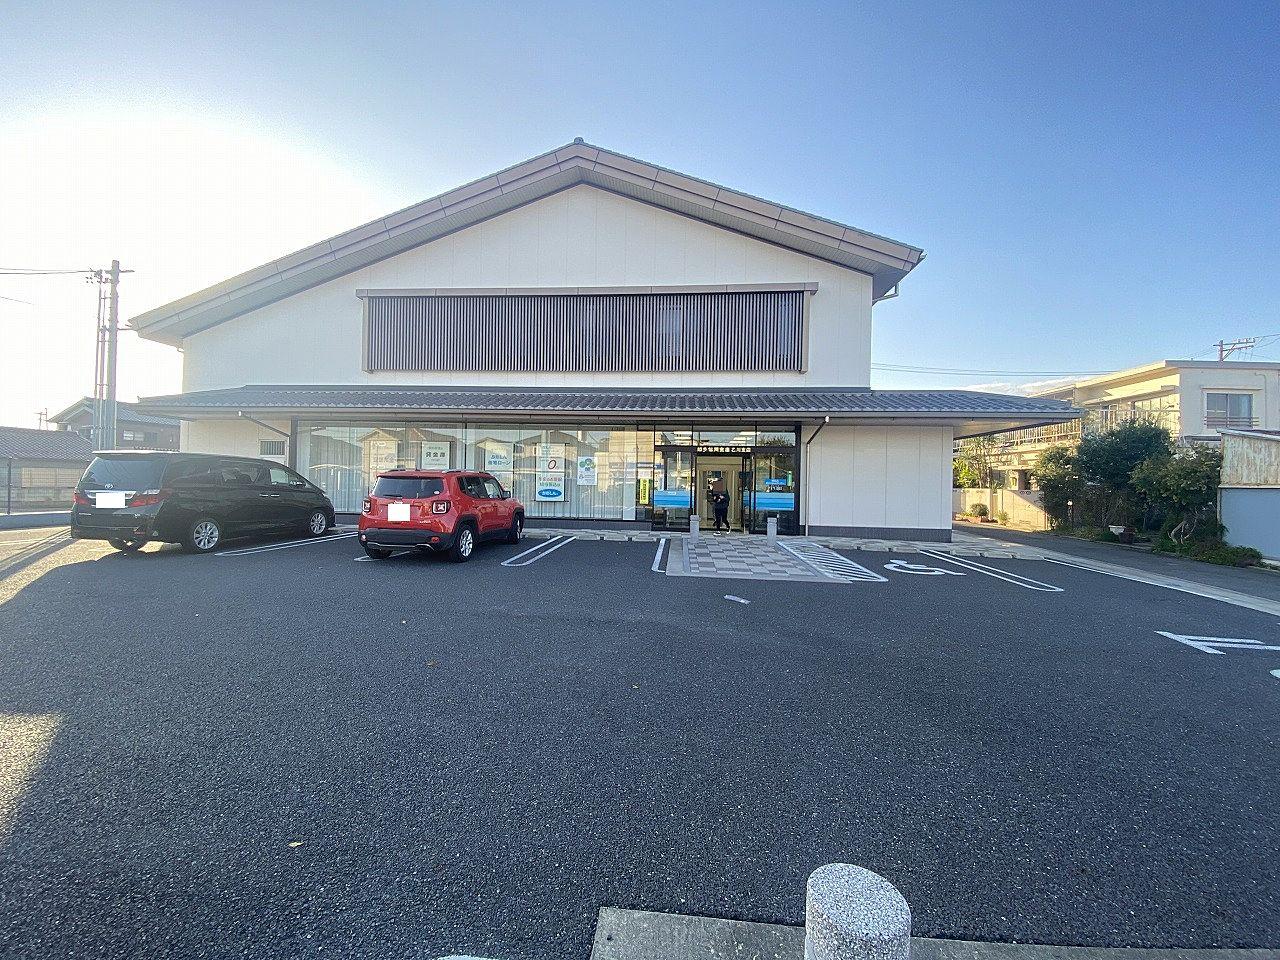 半田市に本店を置く信用金庫。通称「ちたしん」。銀行・信用金庫の中で唯一、 知多半島の5市5町すべてに店舗を展開している。